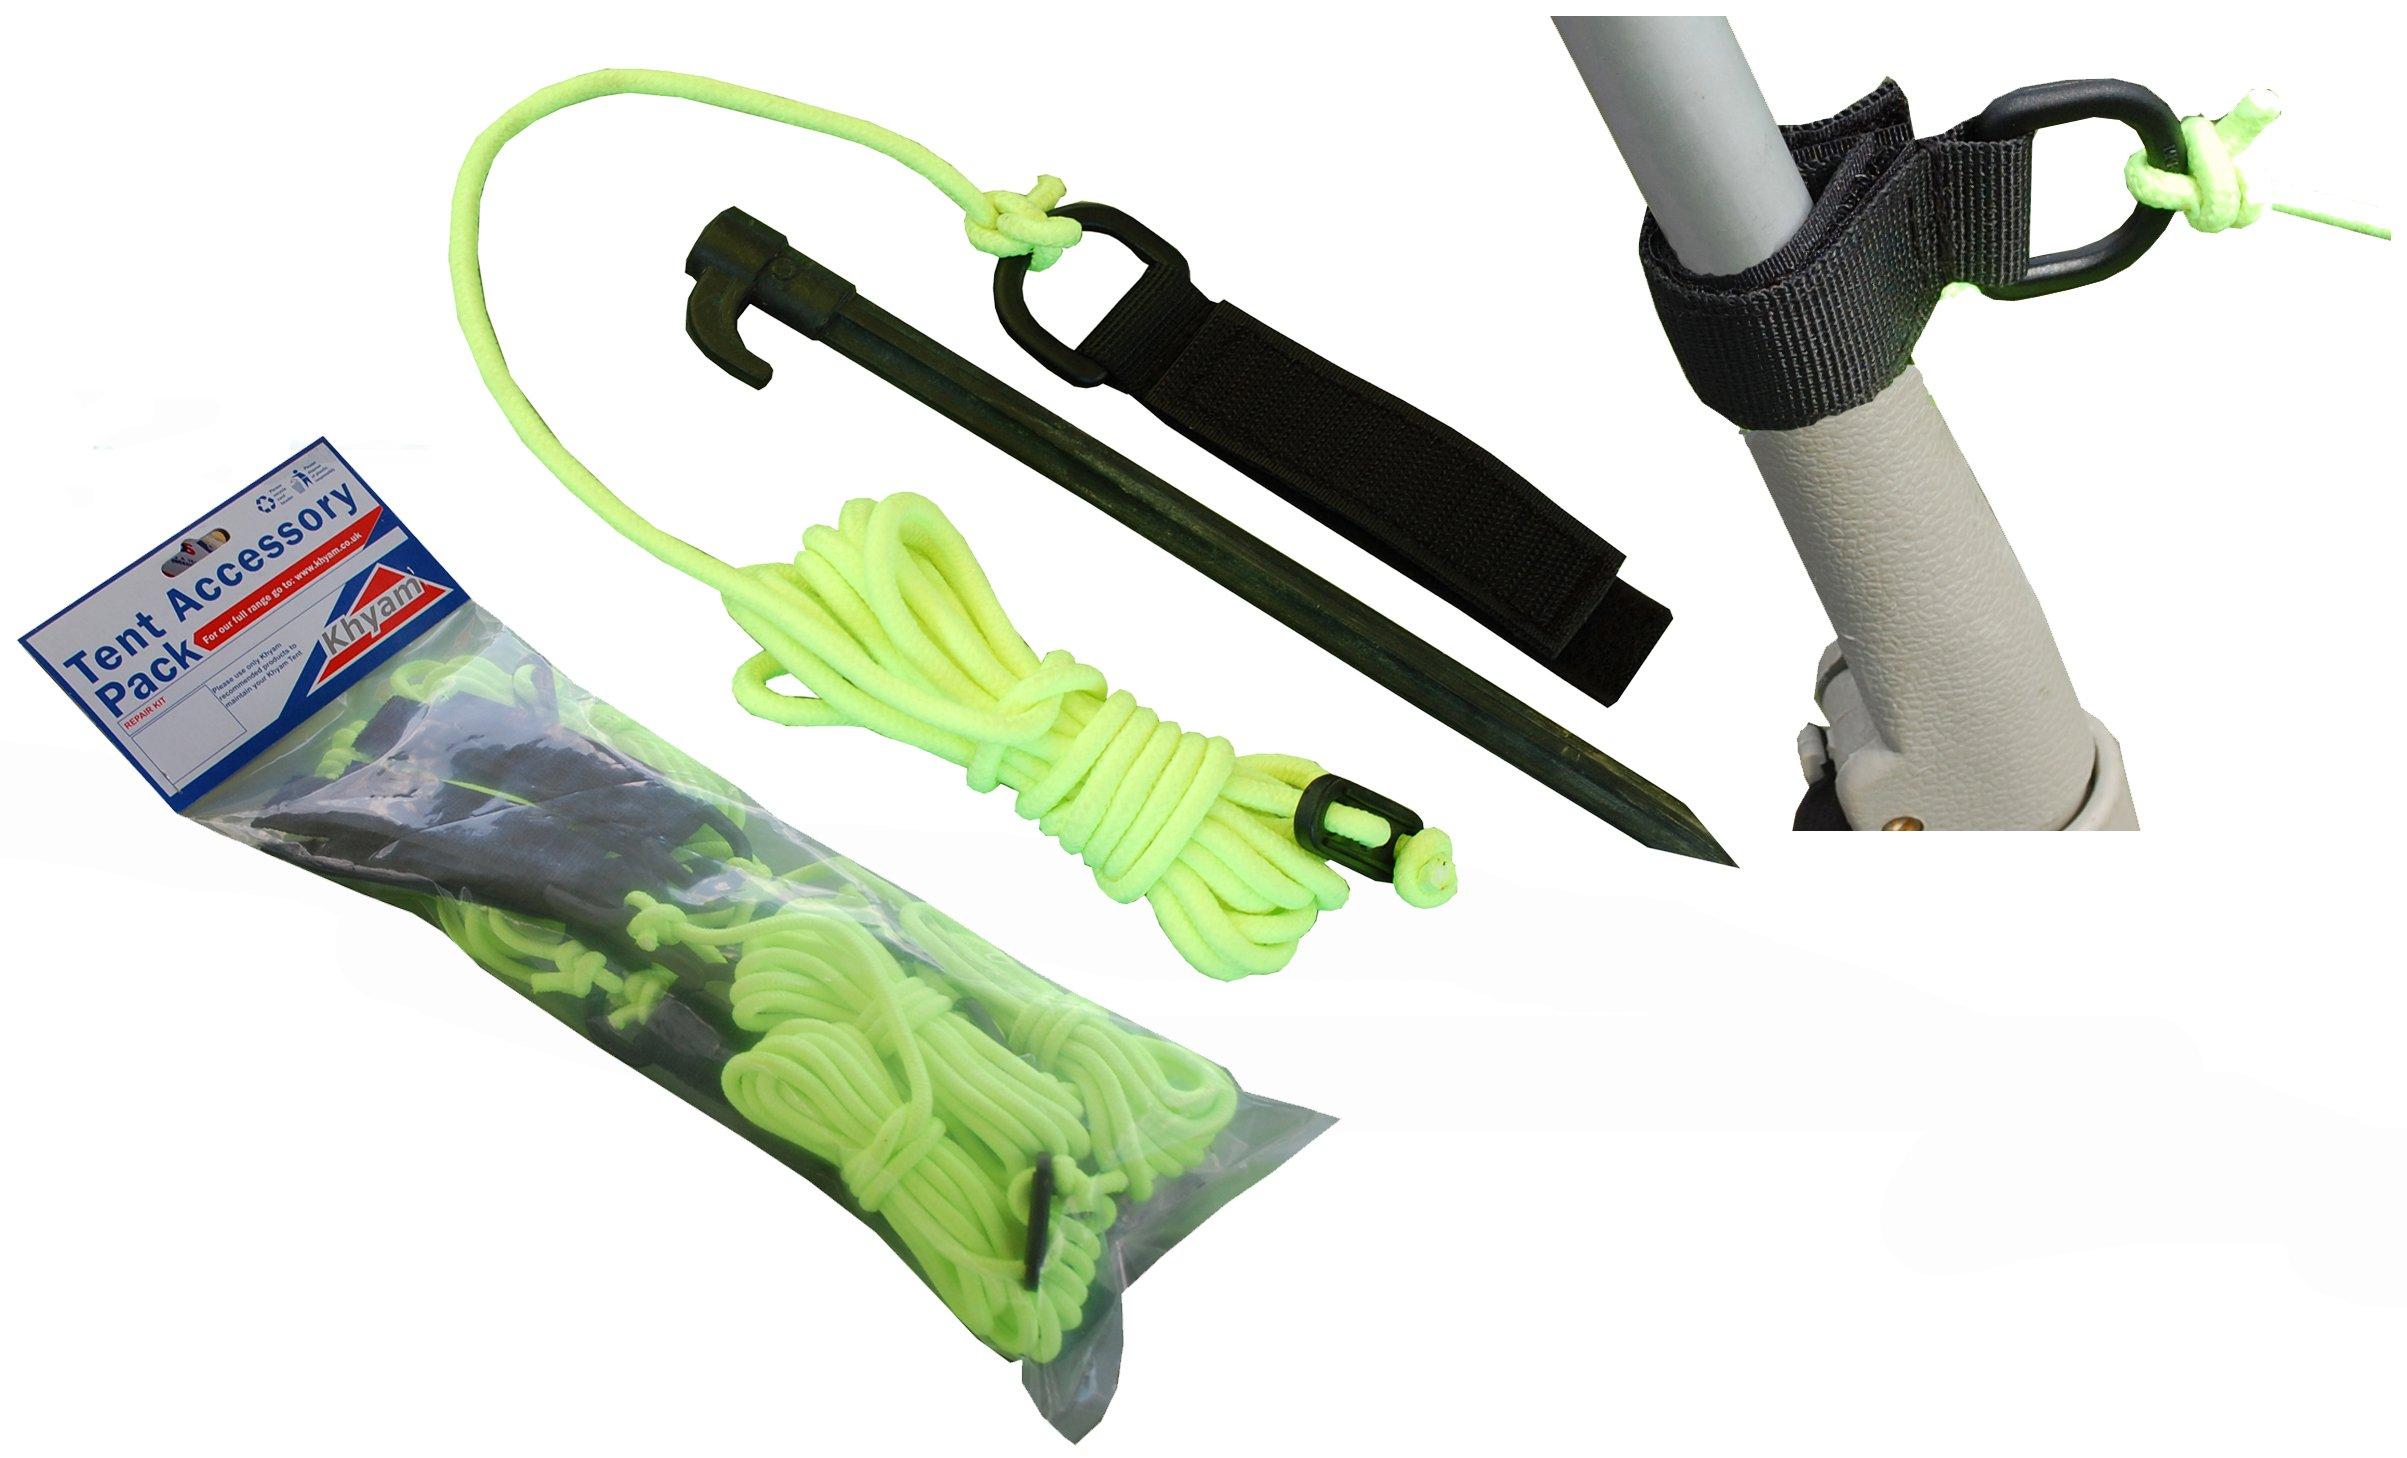 Khyam Stormpack Ridgidome Camper Essentials